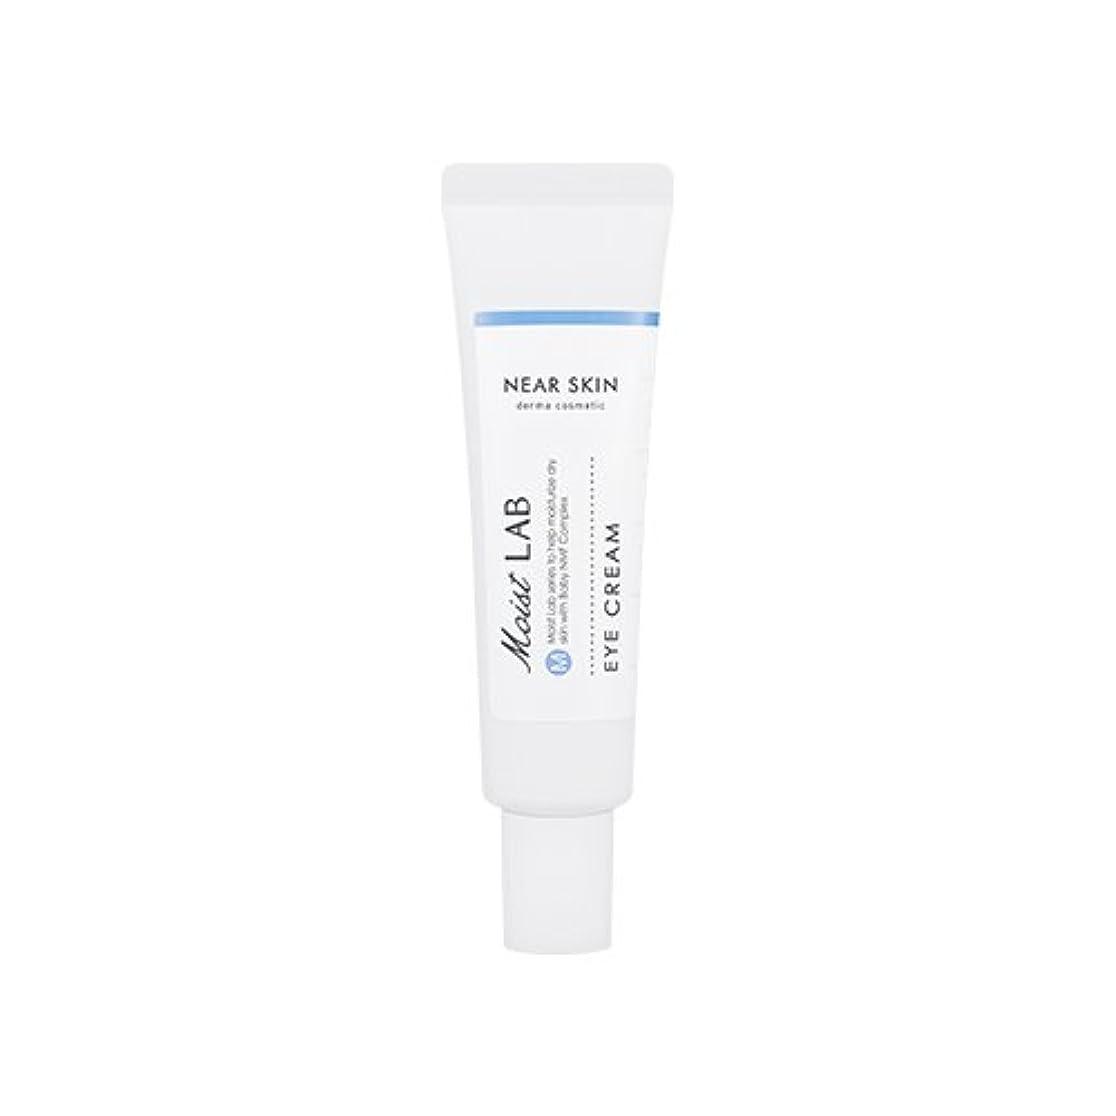 放棄された鉄道喪MISSHA NEAR SKIN Derma Cosmetic Moist LAB (Eye Cream) / ミシャ ニアスキン ダーマコスメティックモイストラボ アイクリーム 30ml [並行輸入品]